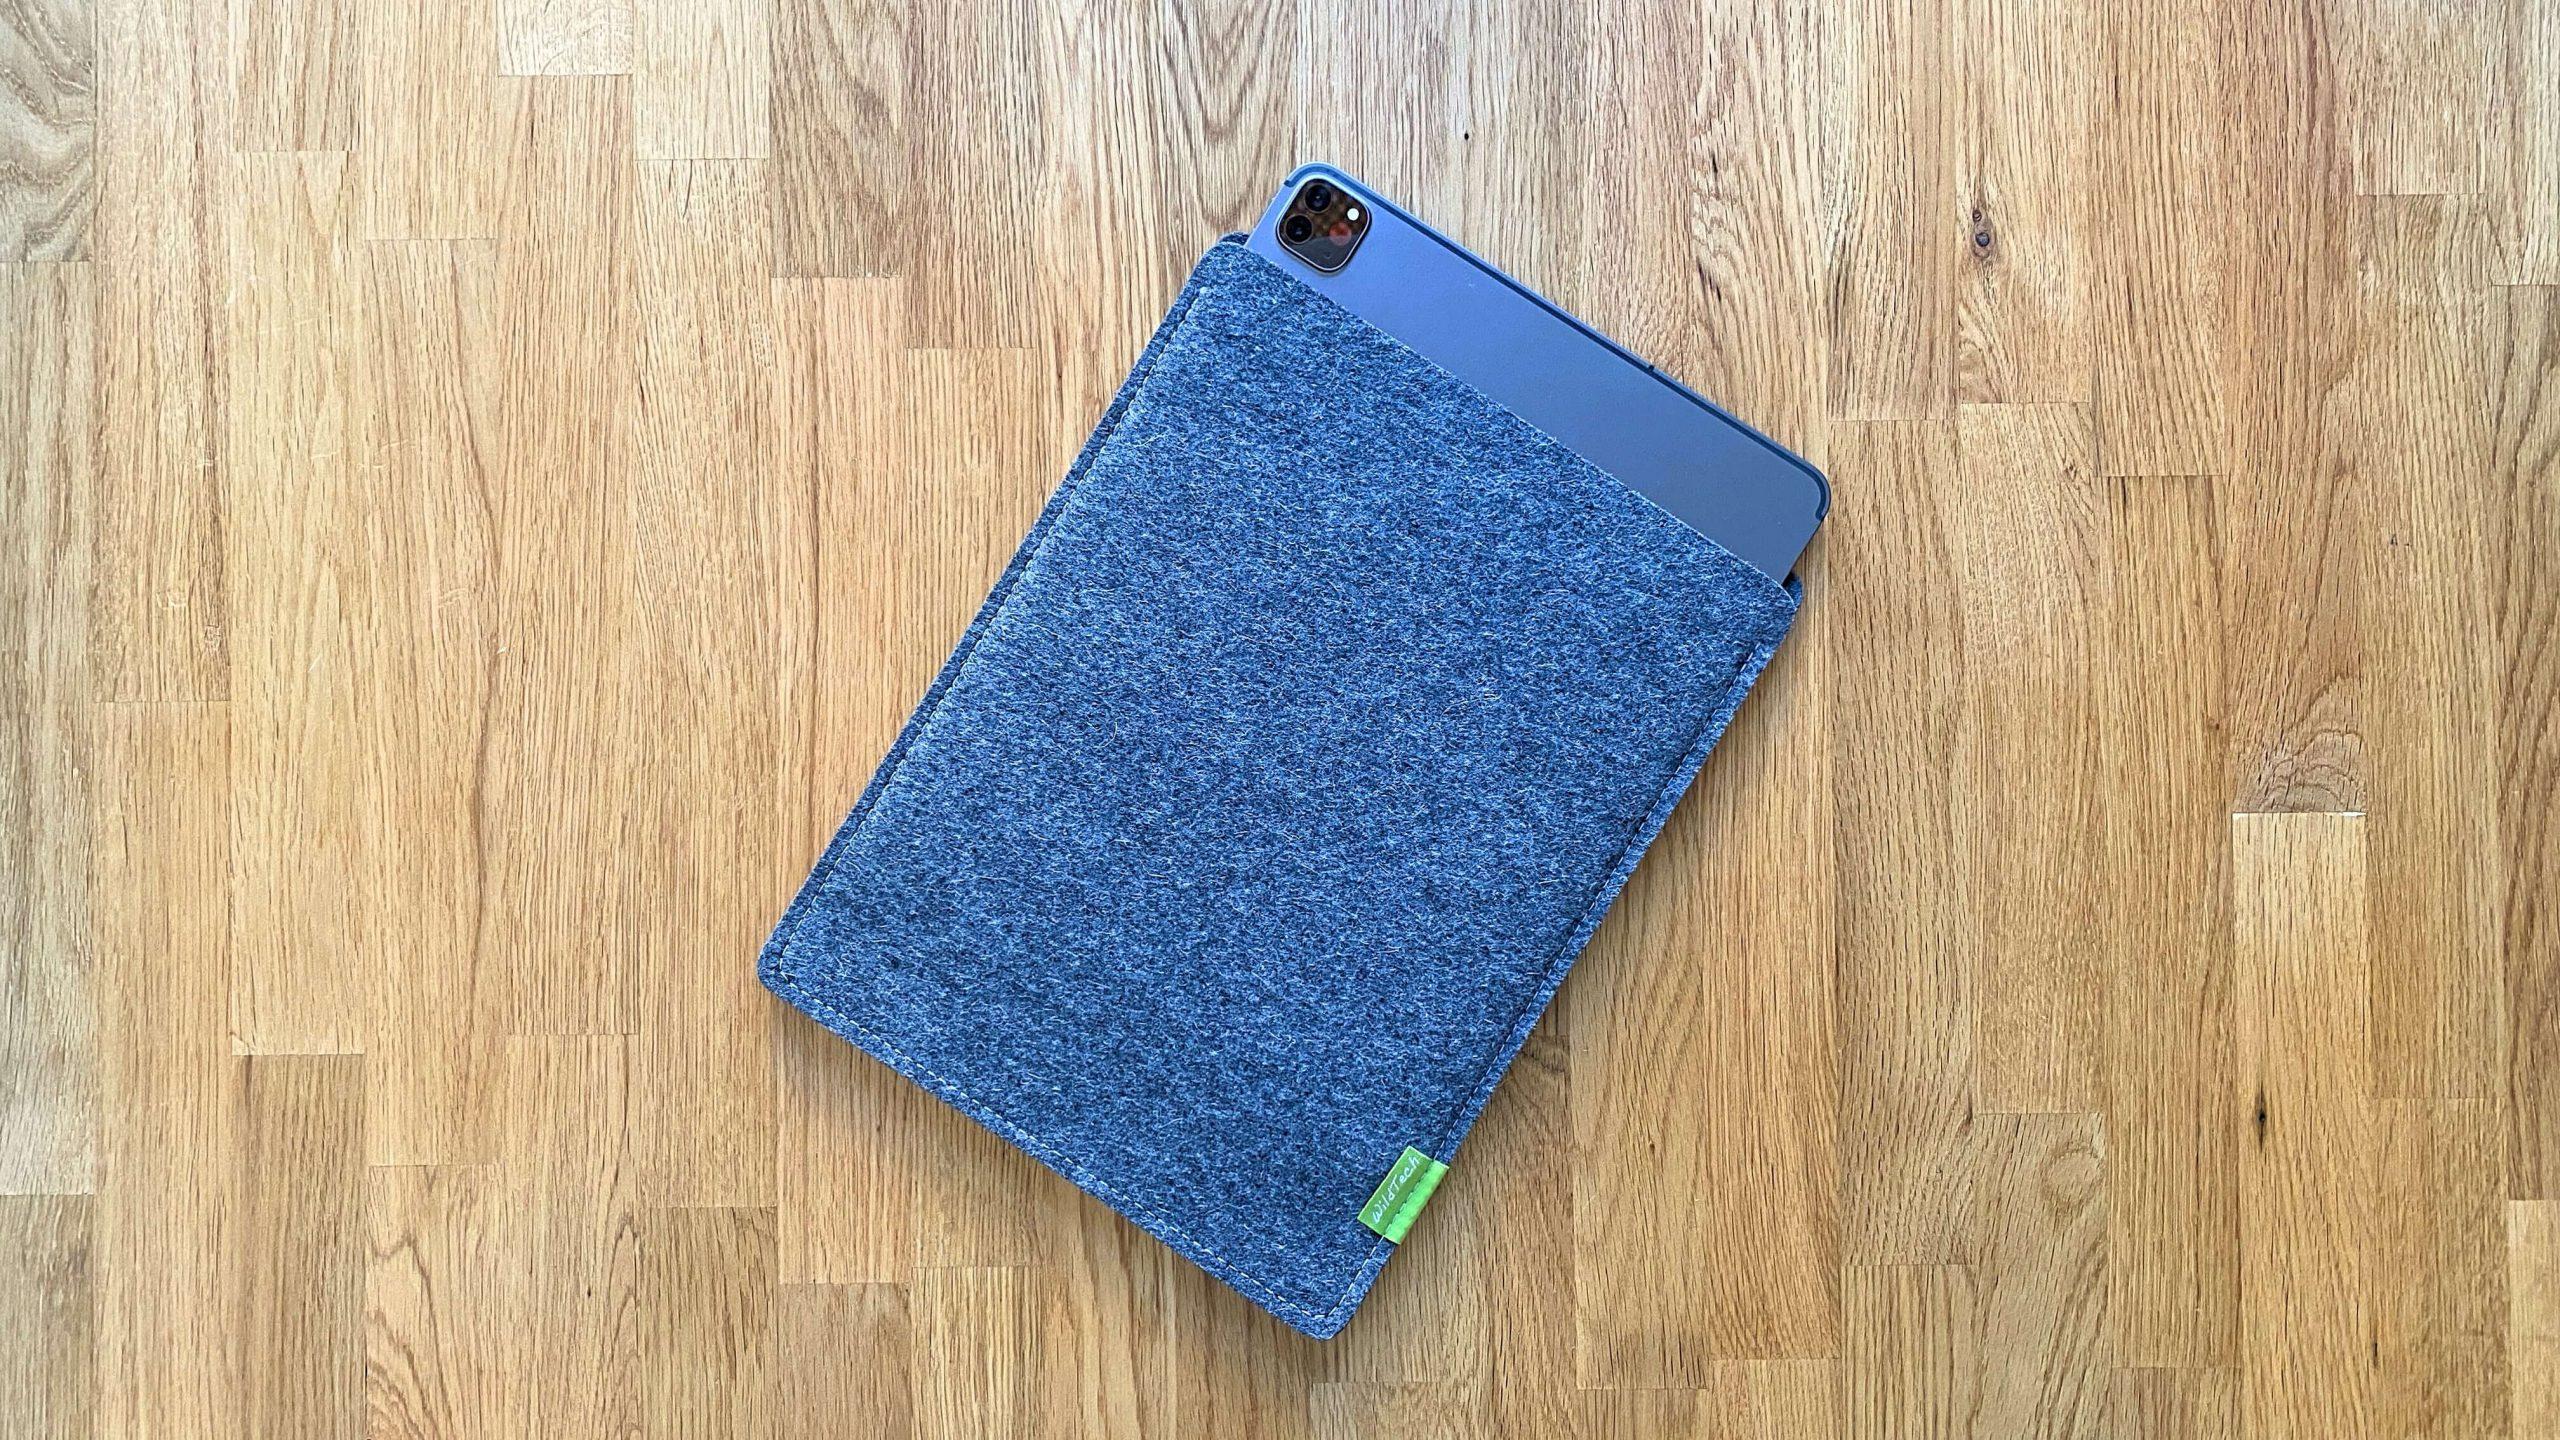 WildTech_Filzhülle_iPad_Pro_2020_Grau1-scaled Schutz aus Wollfilz von WildTech - das iPad Pro (2020) stilvoll geschützt